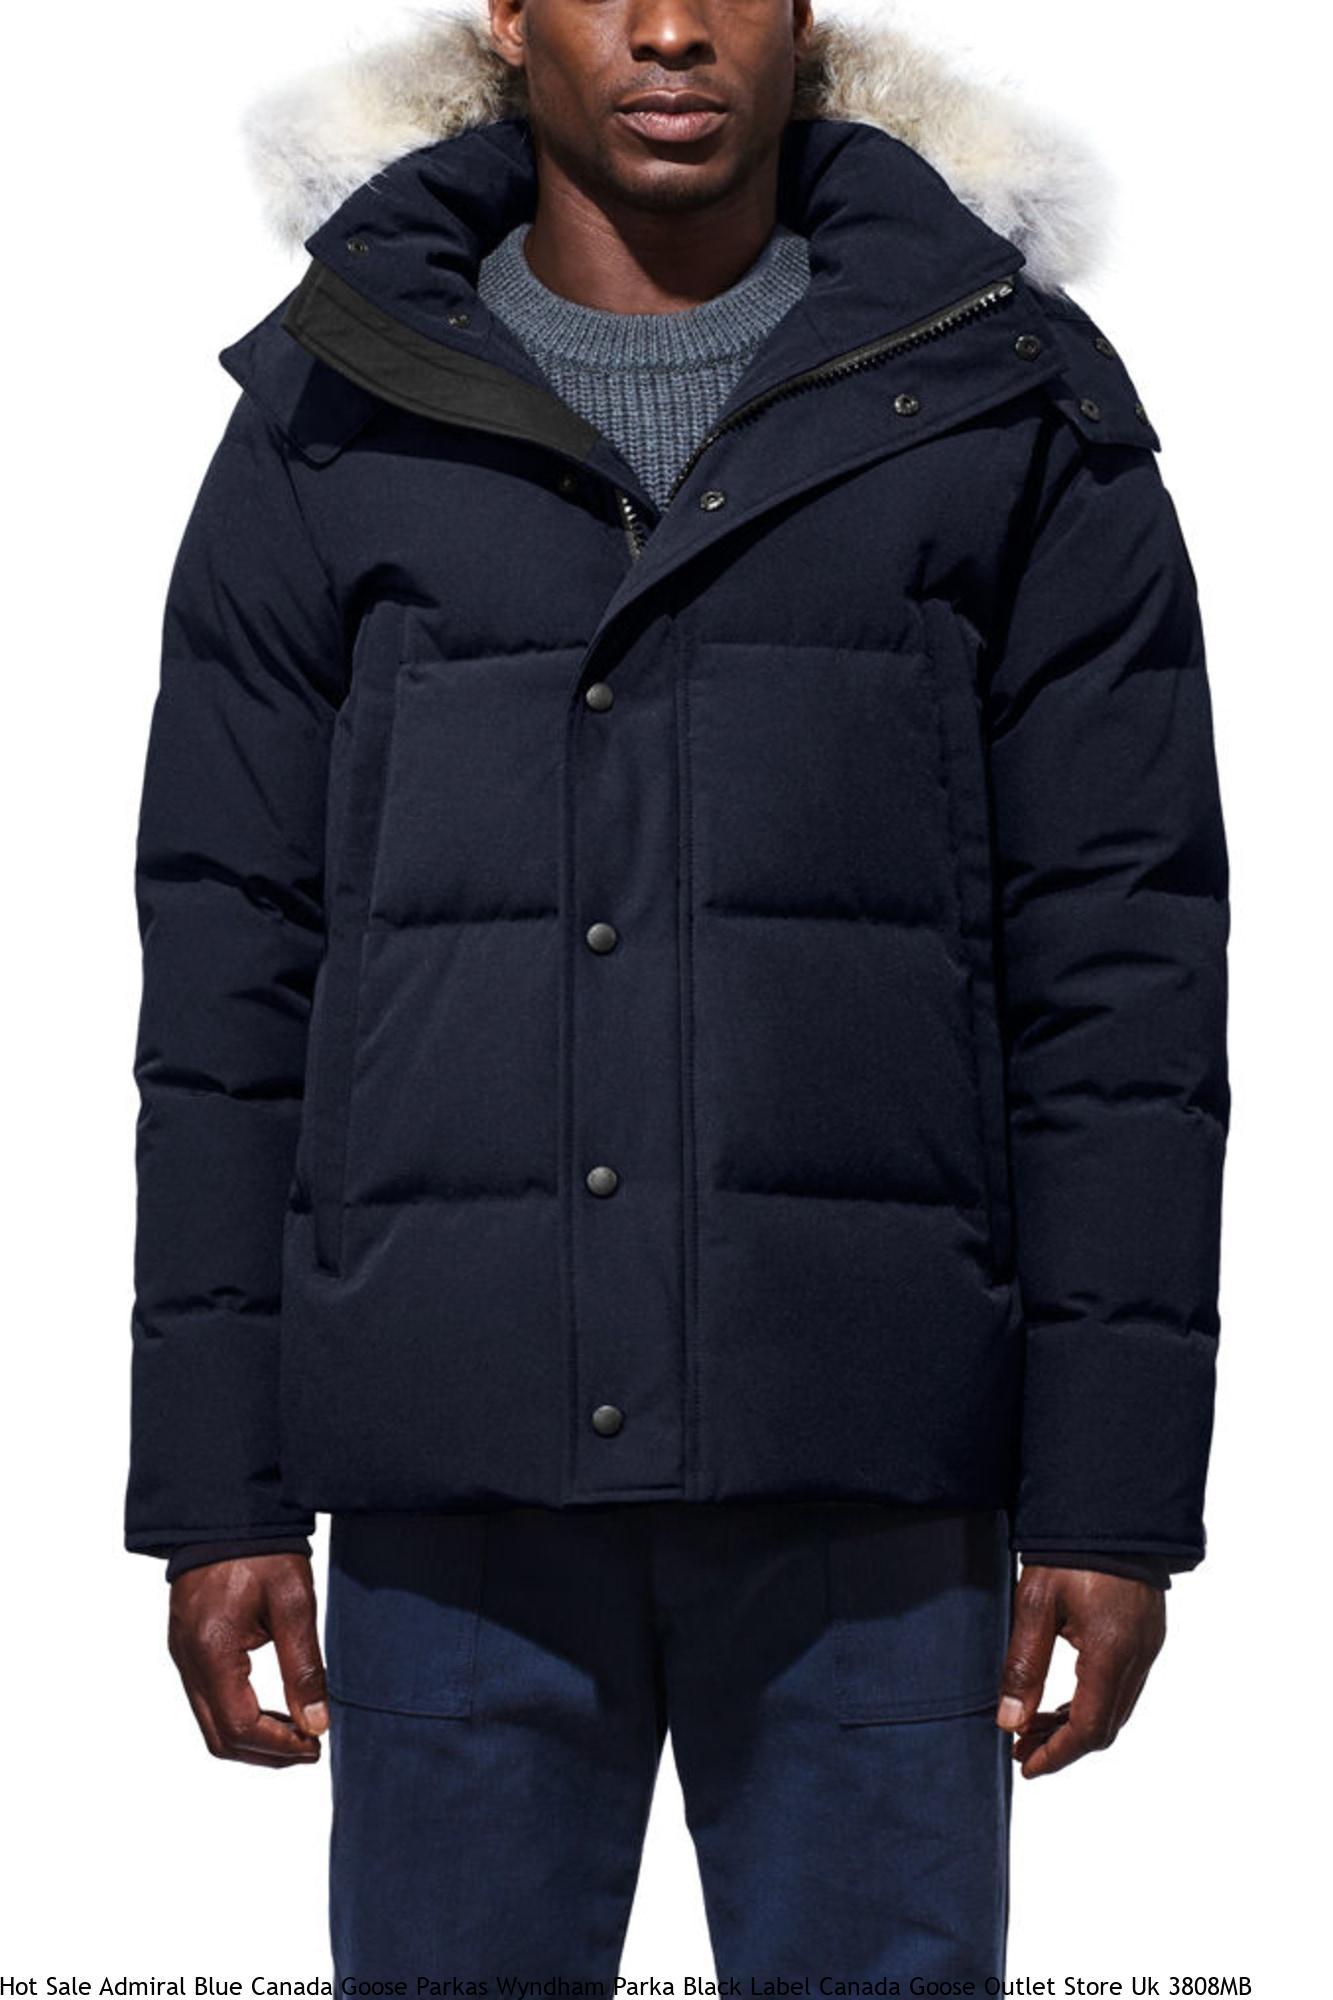 Hot Sale Admiral Blue Canada Goose Parkas Wyndham Parka Black Label Canada Goose Outlet Store Uk 3808MB